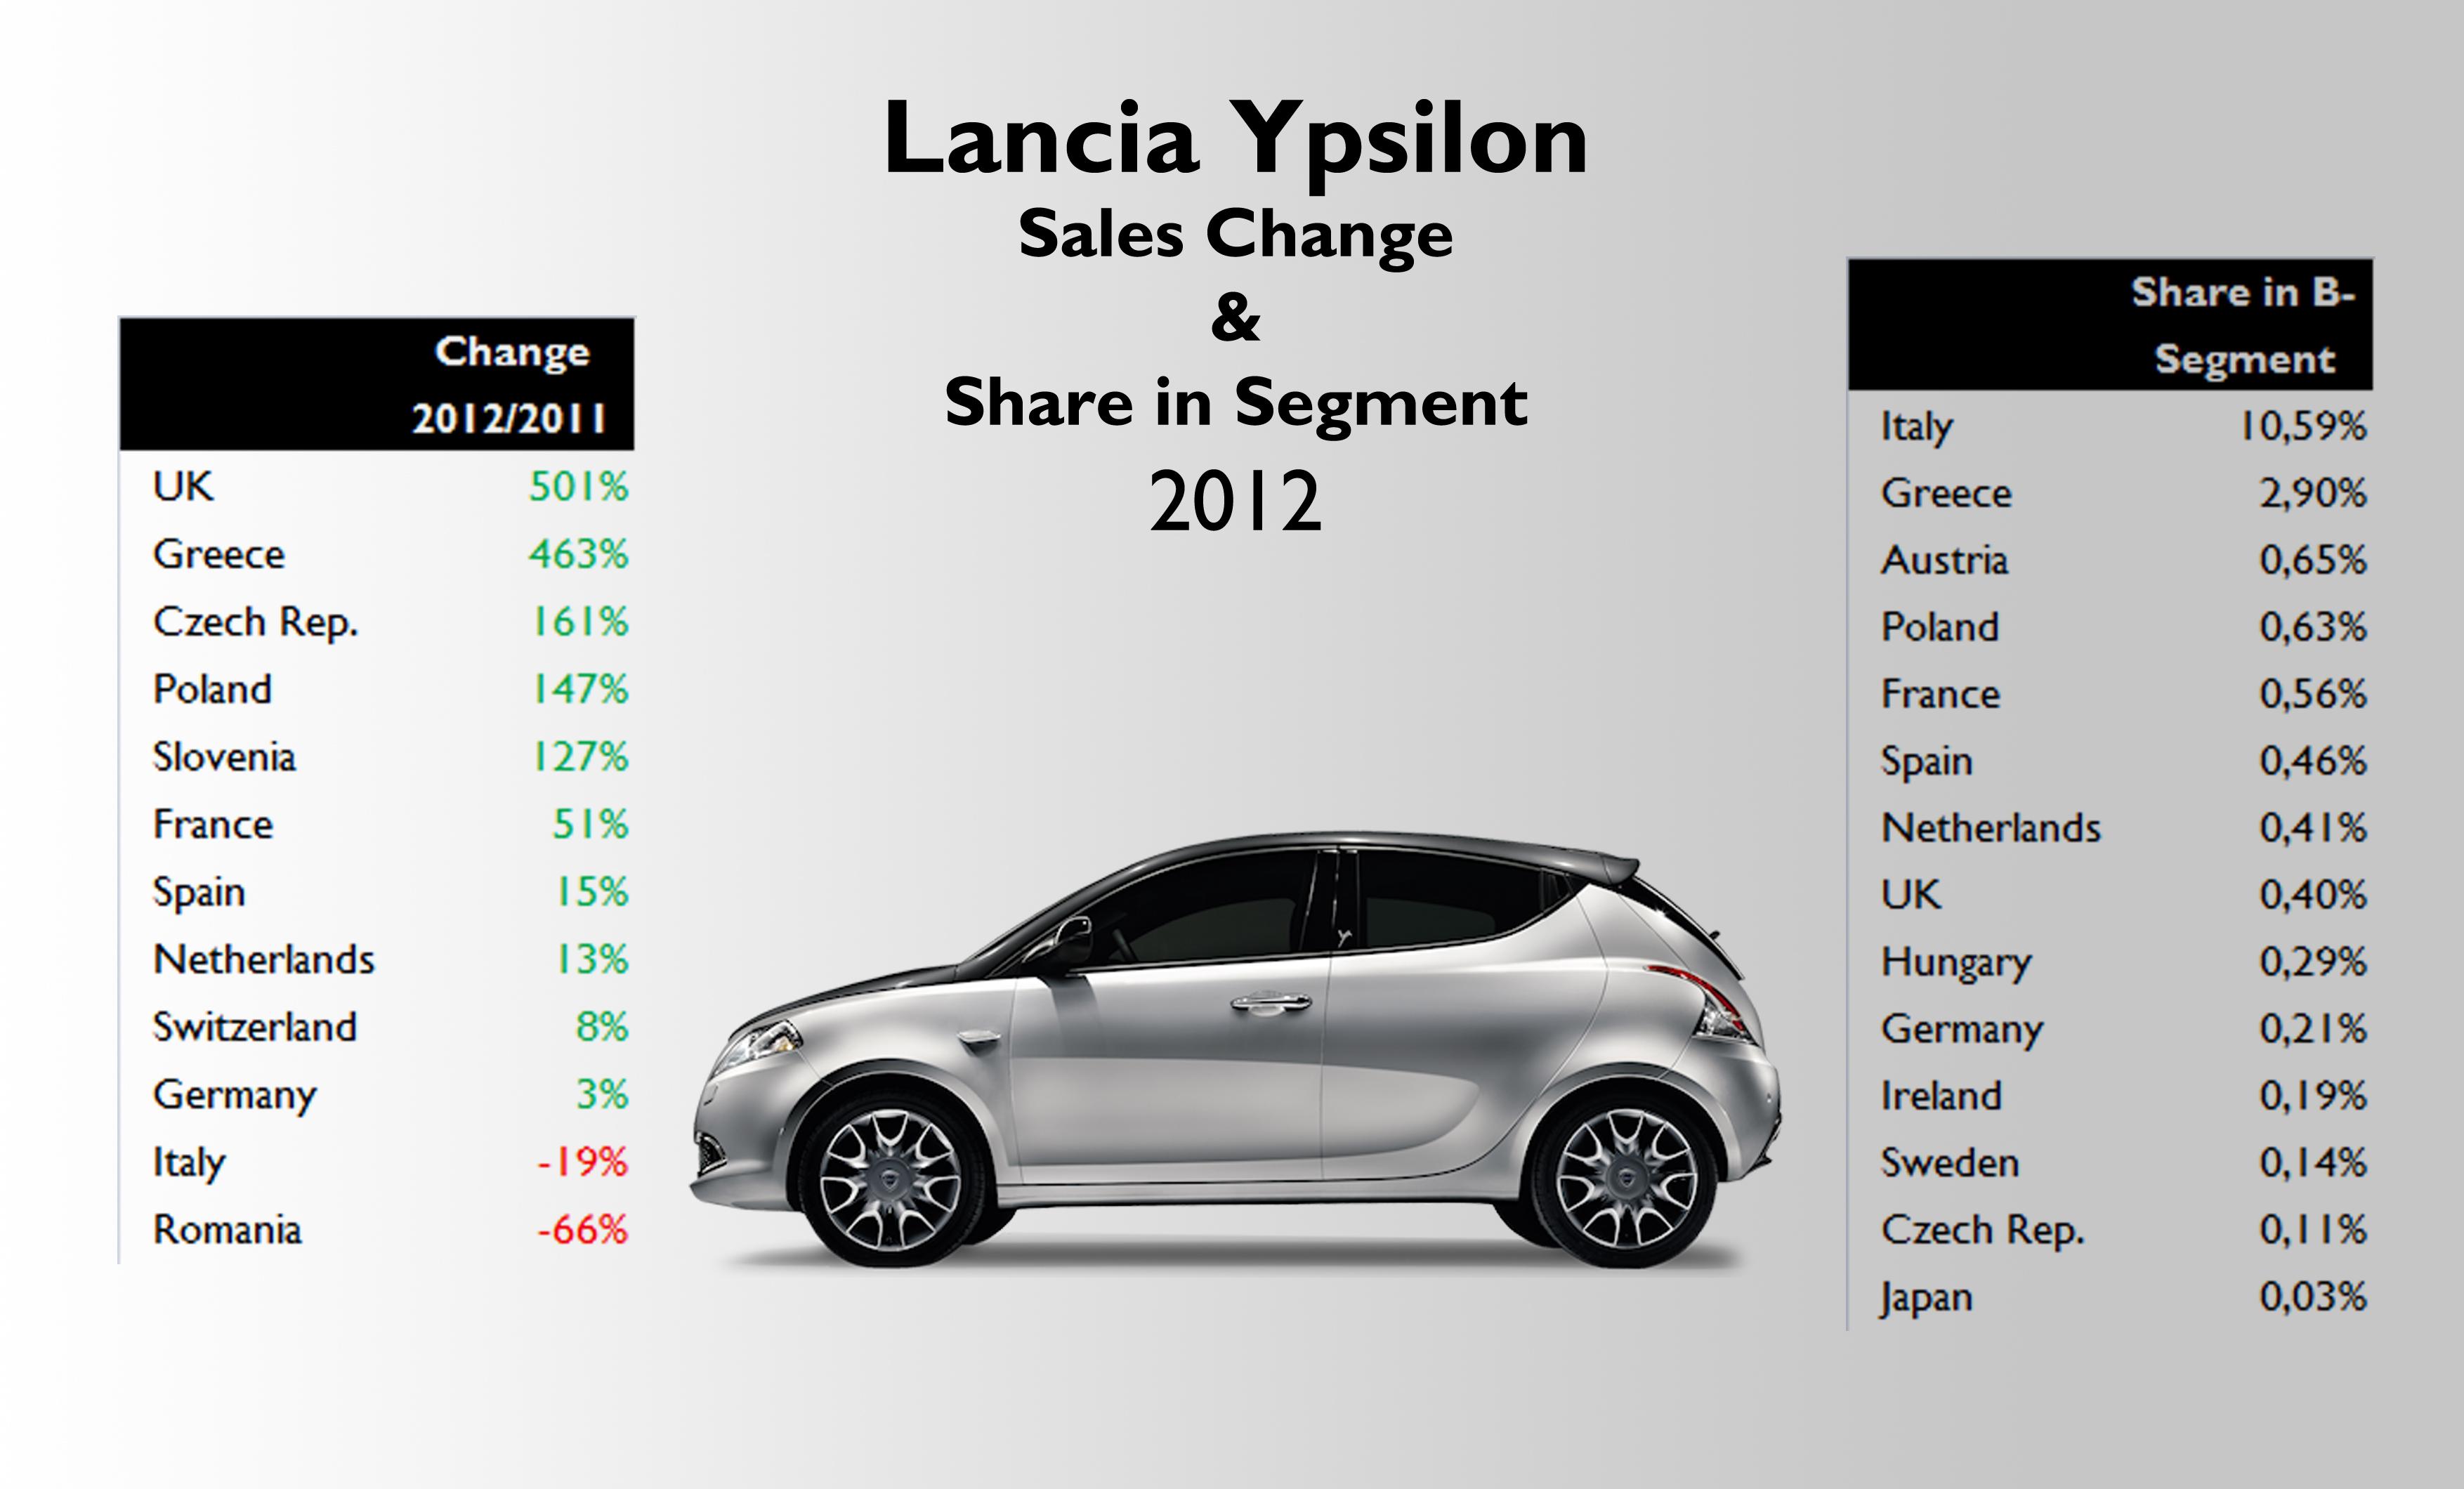 https://carindustryanalysis.files.wordpress.com/2013/07/lancia-ypsilon-2012-sales-analysis-by-change.jpg